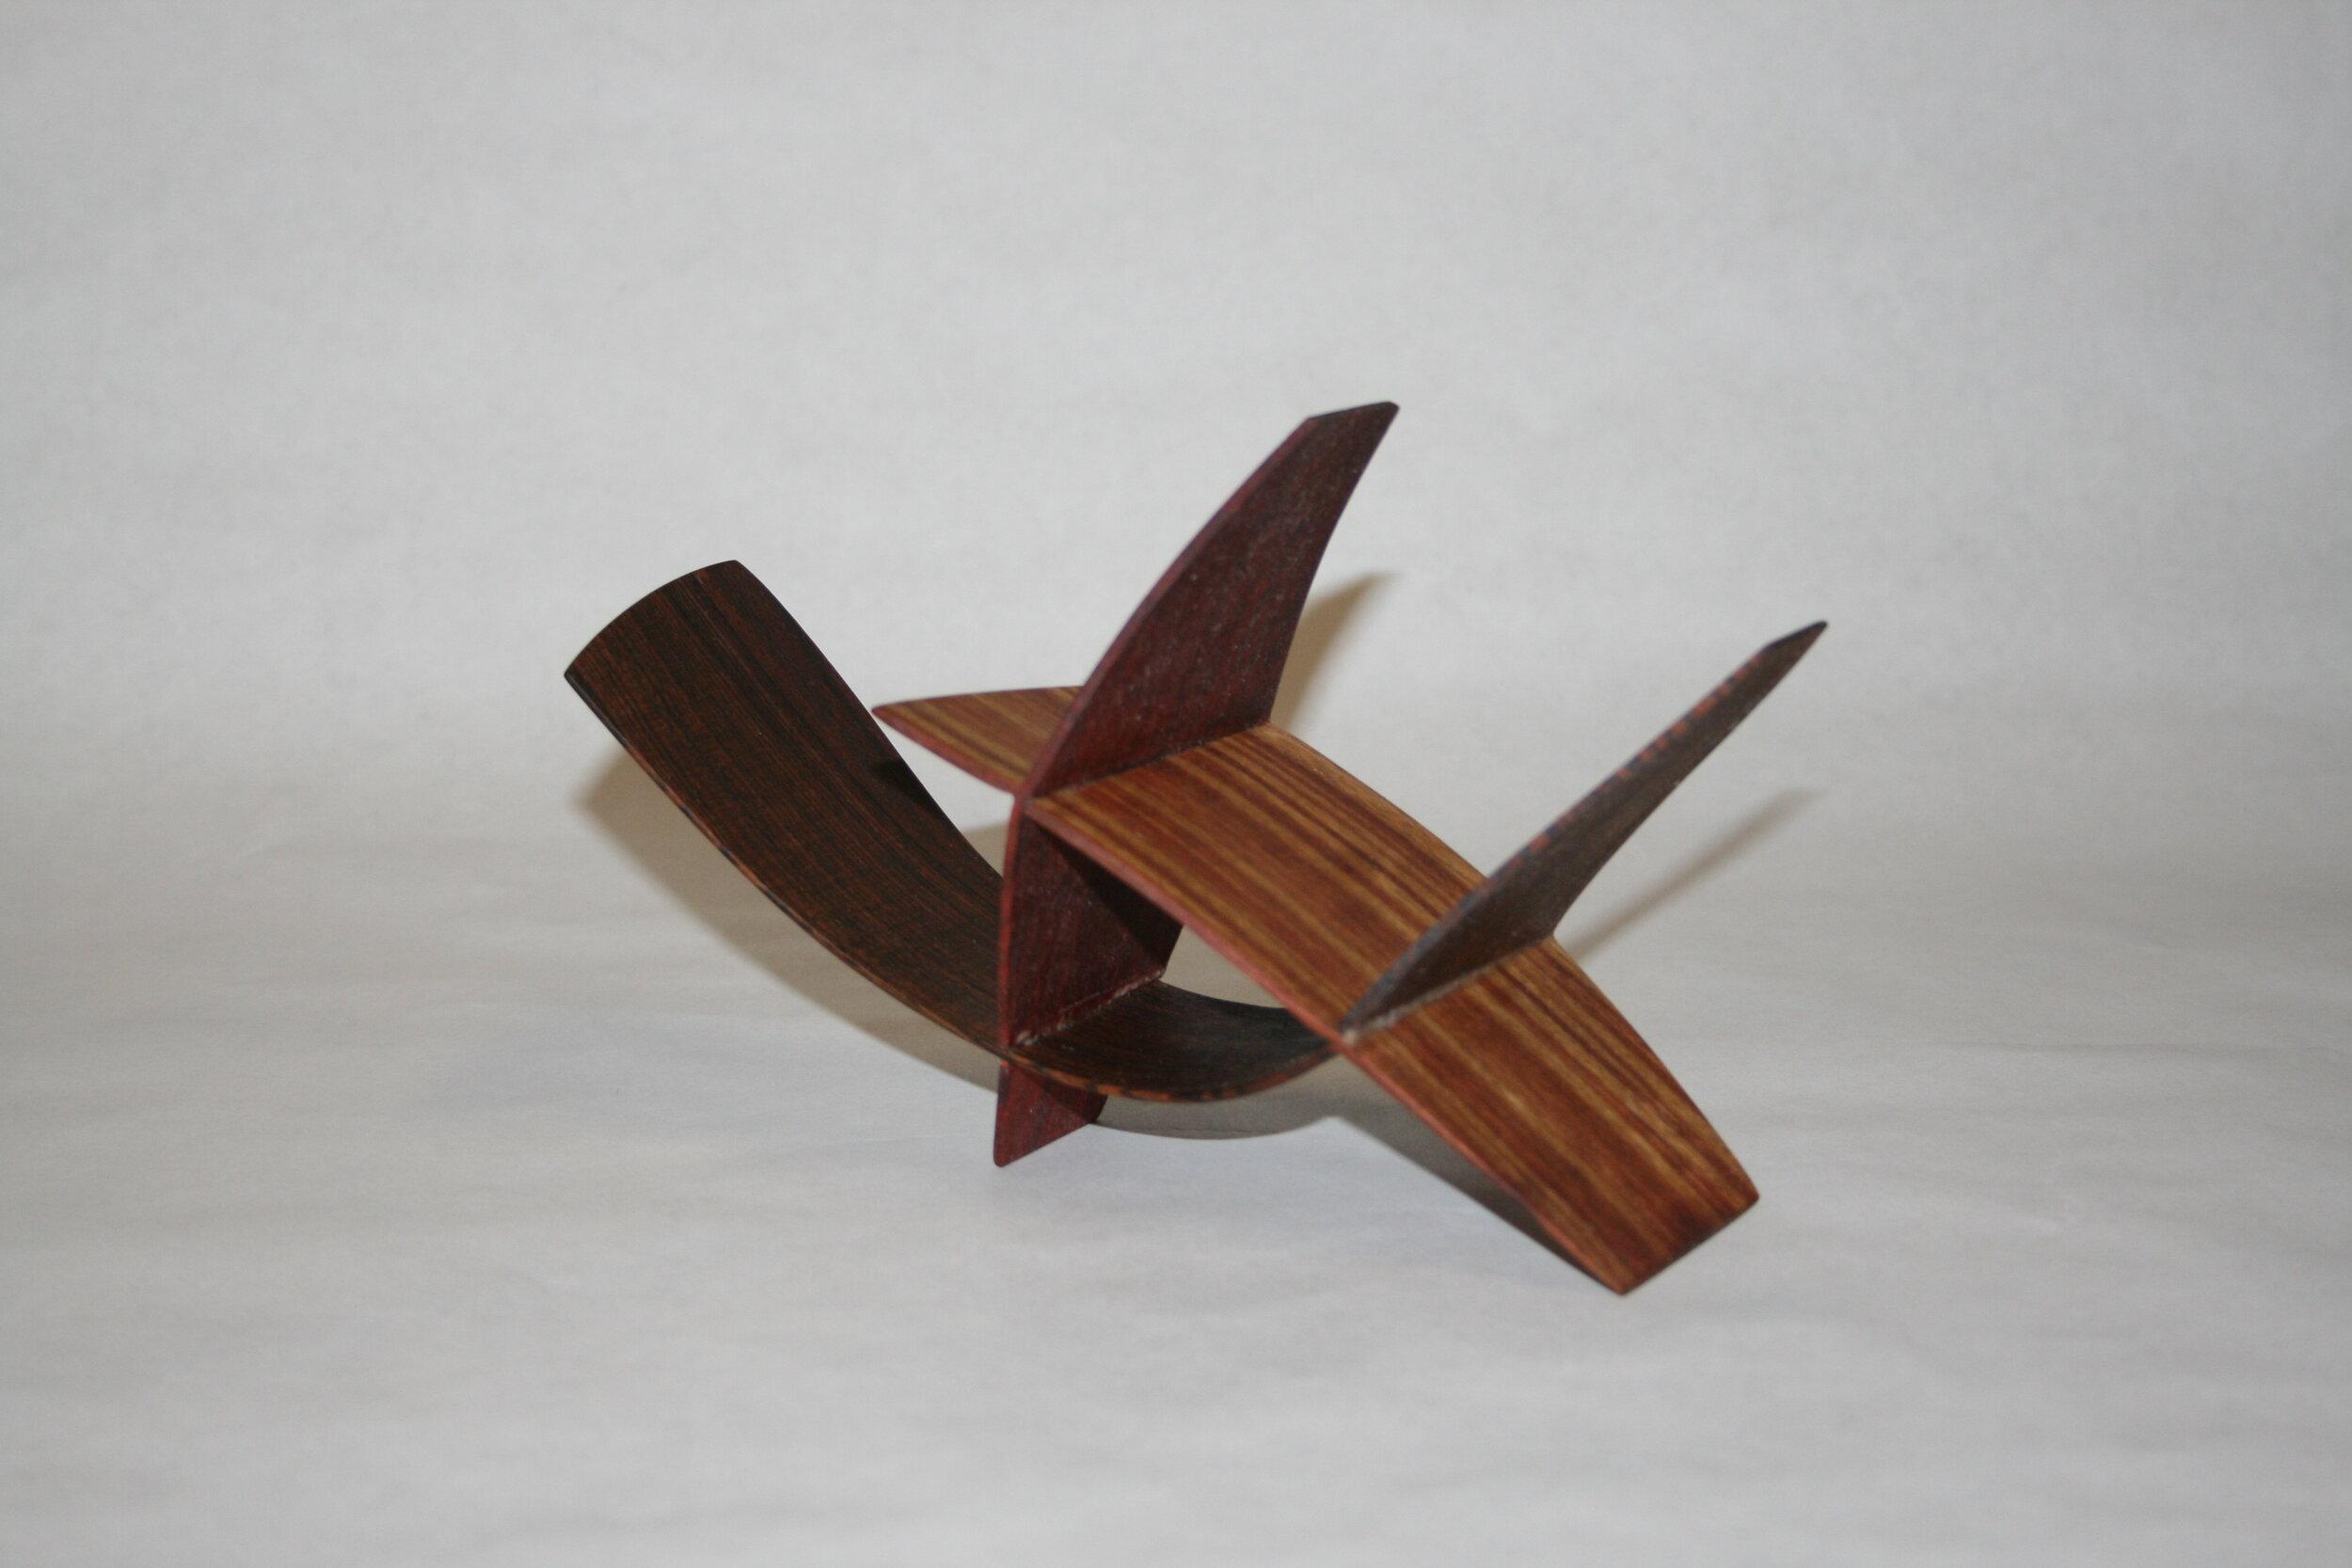 17b  John Soderlund  Improvisation 1  wood sculpture